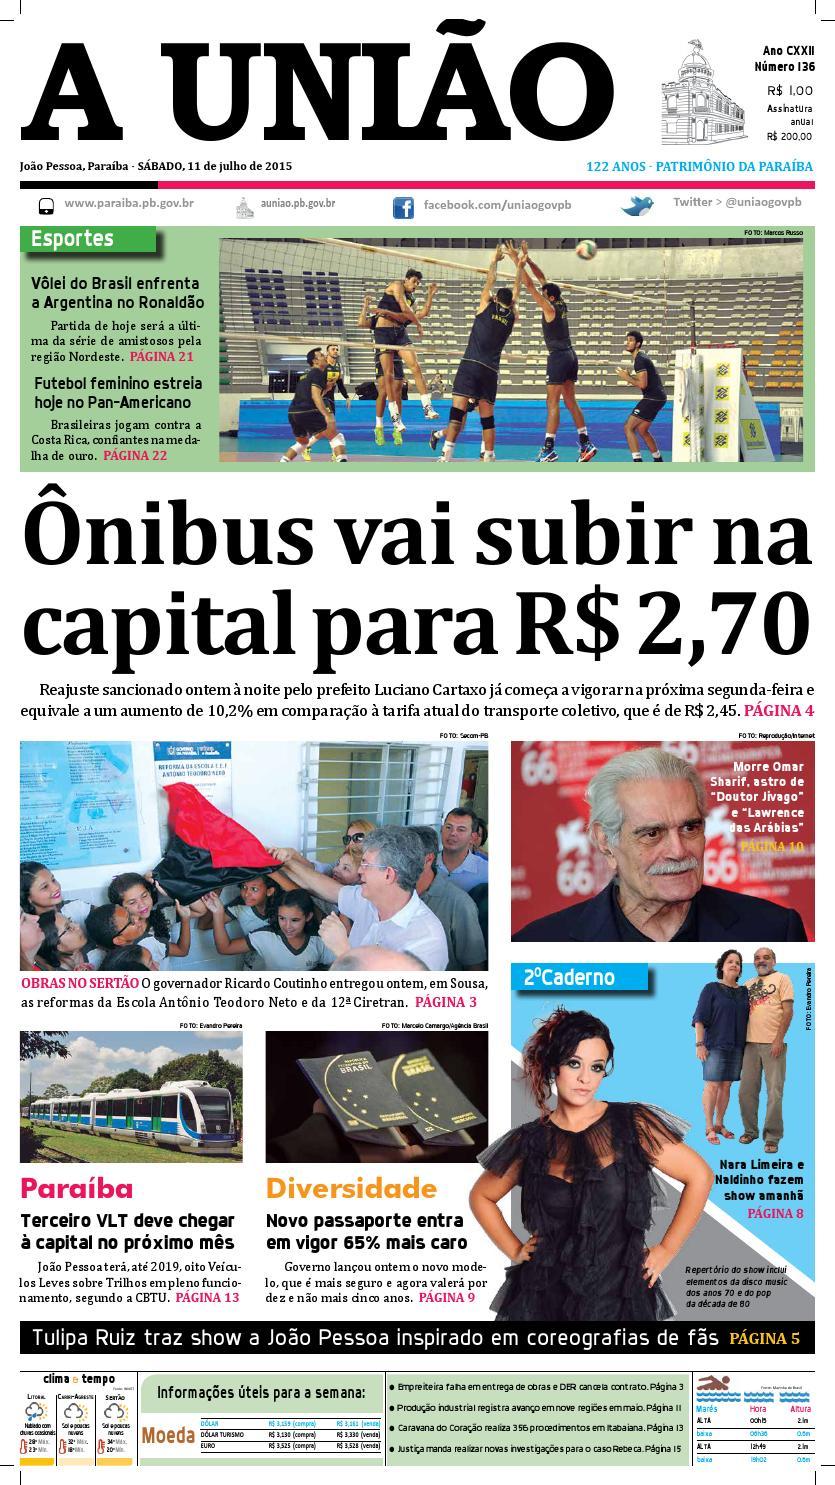 Jornal A União - 11 07 2015 by Jornal A União - issuu 235db96dbf61b